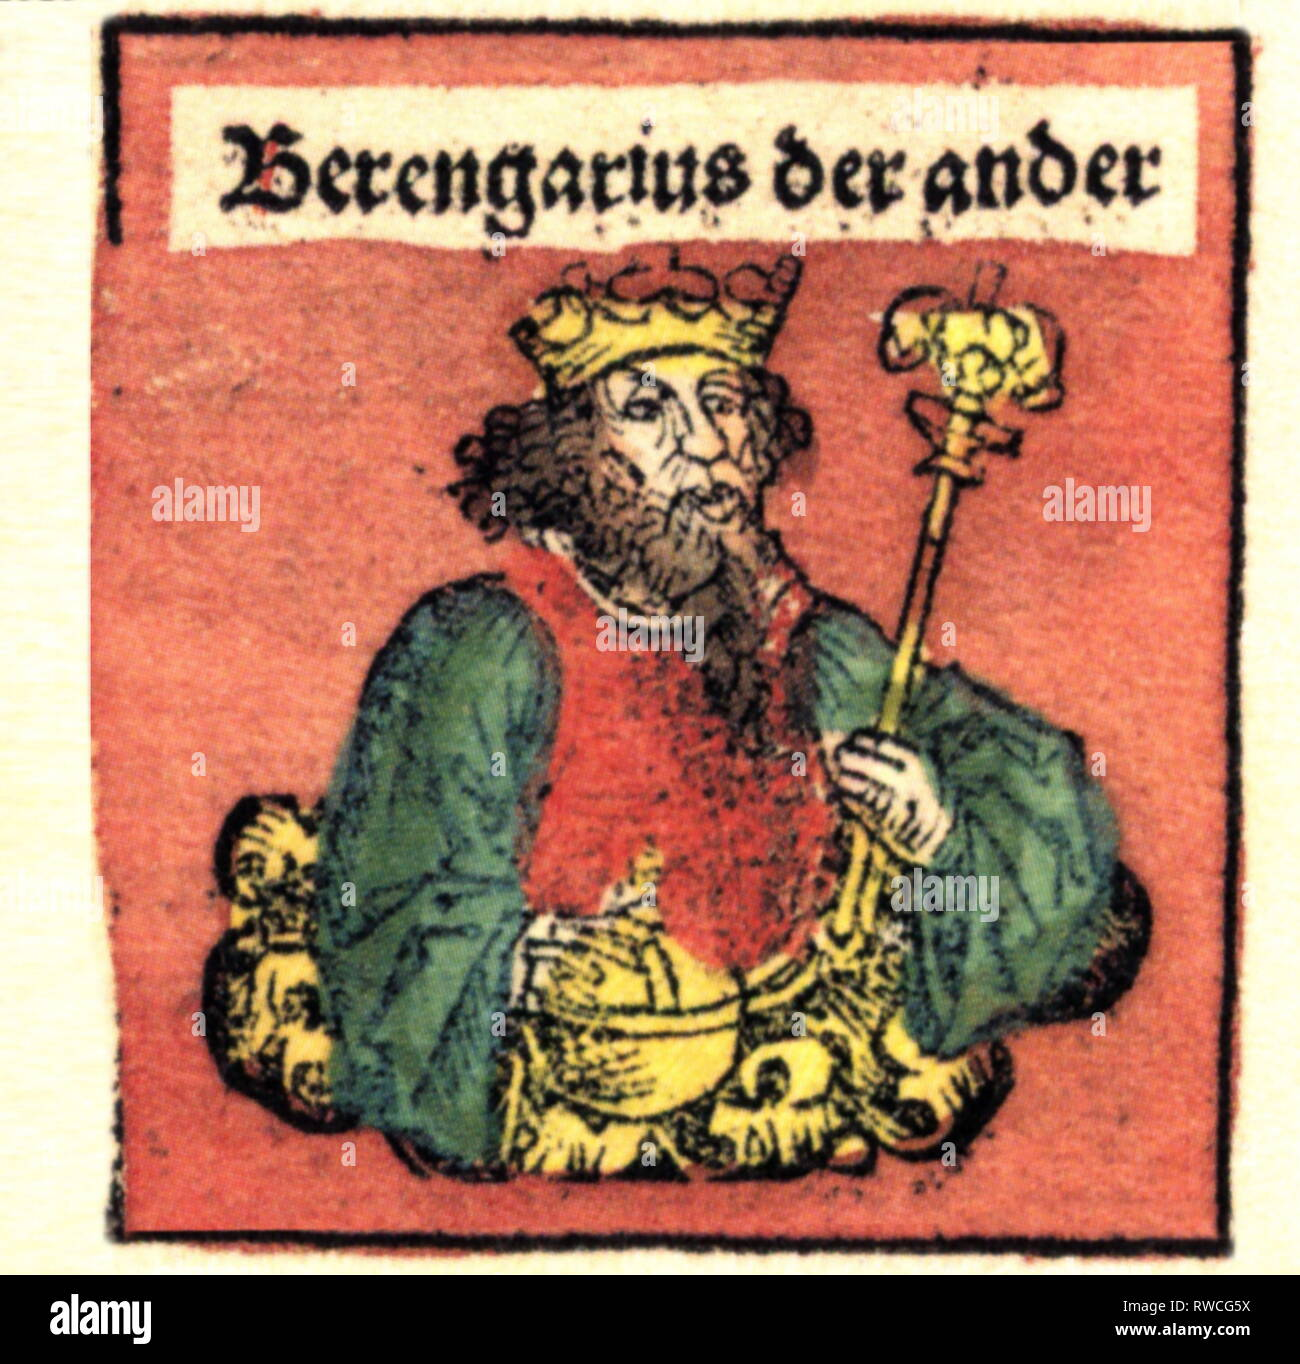 Berengar II, vers 900 - 6.8.966, roi d'Italie 950 - 961, demi-longueur, gravure sur bois par Michael Wolgemut ou Wilhelm Pleydenwurff à la chronique de Hartmann Schedel, Nuremberg, 1493, copyright de l'artiste n'a pas à être effacée Photo Stock